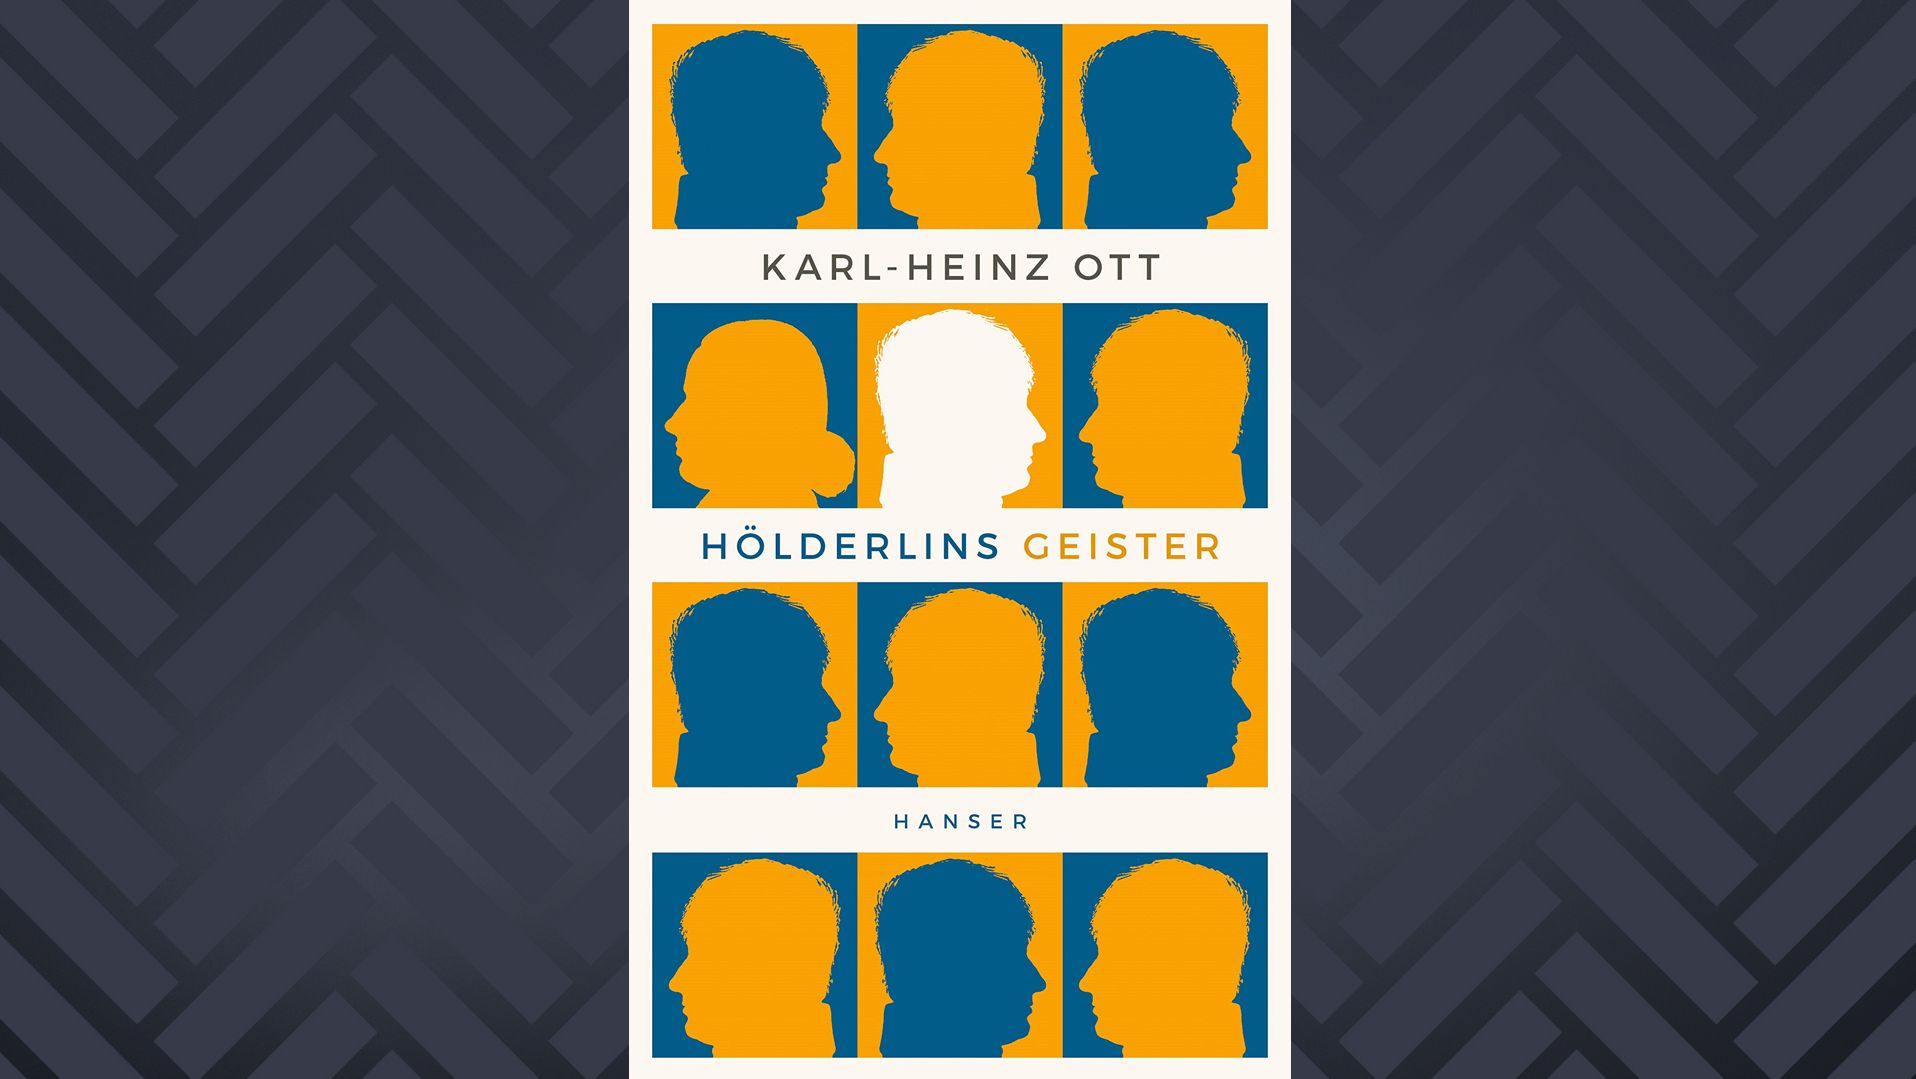 """Buchcover """"Hölderlins Geister"""" von Karl-Heinz Ott: Blaue und gelbe Schattenrisse von Hölderlins Kopf auf gelbem und blauem Grund"""